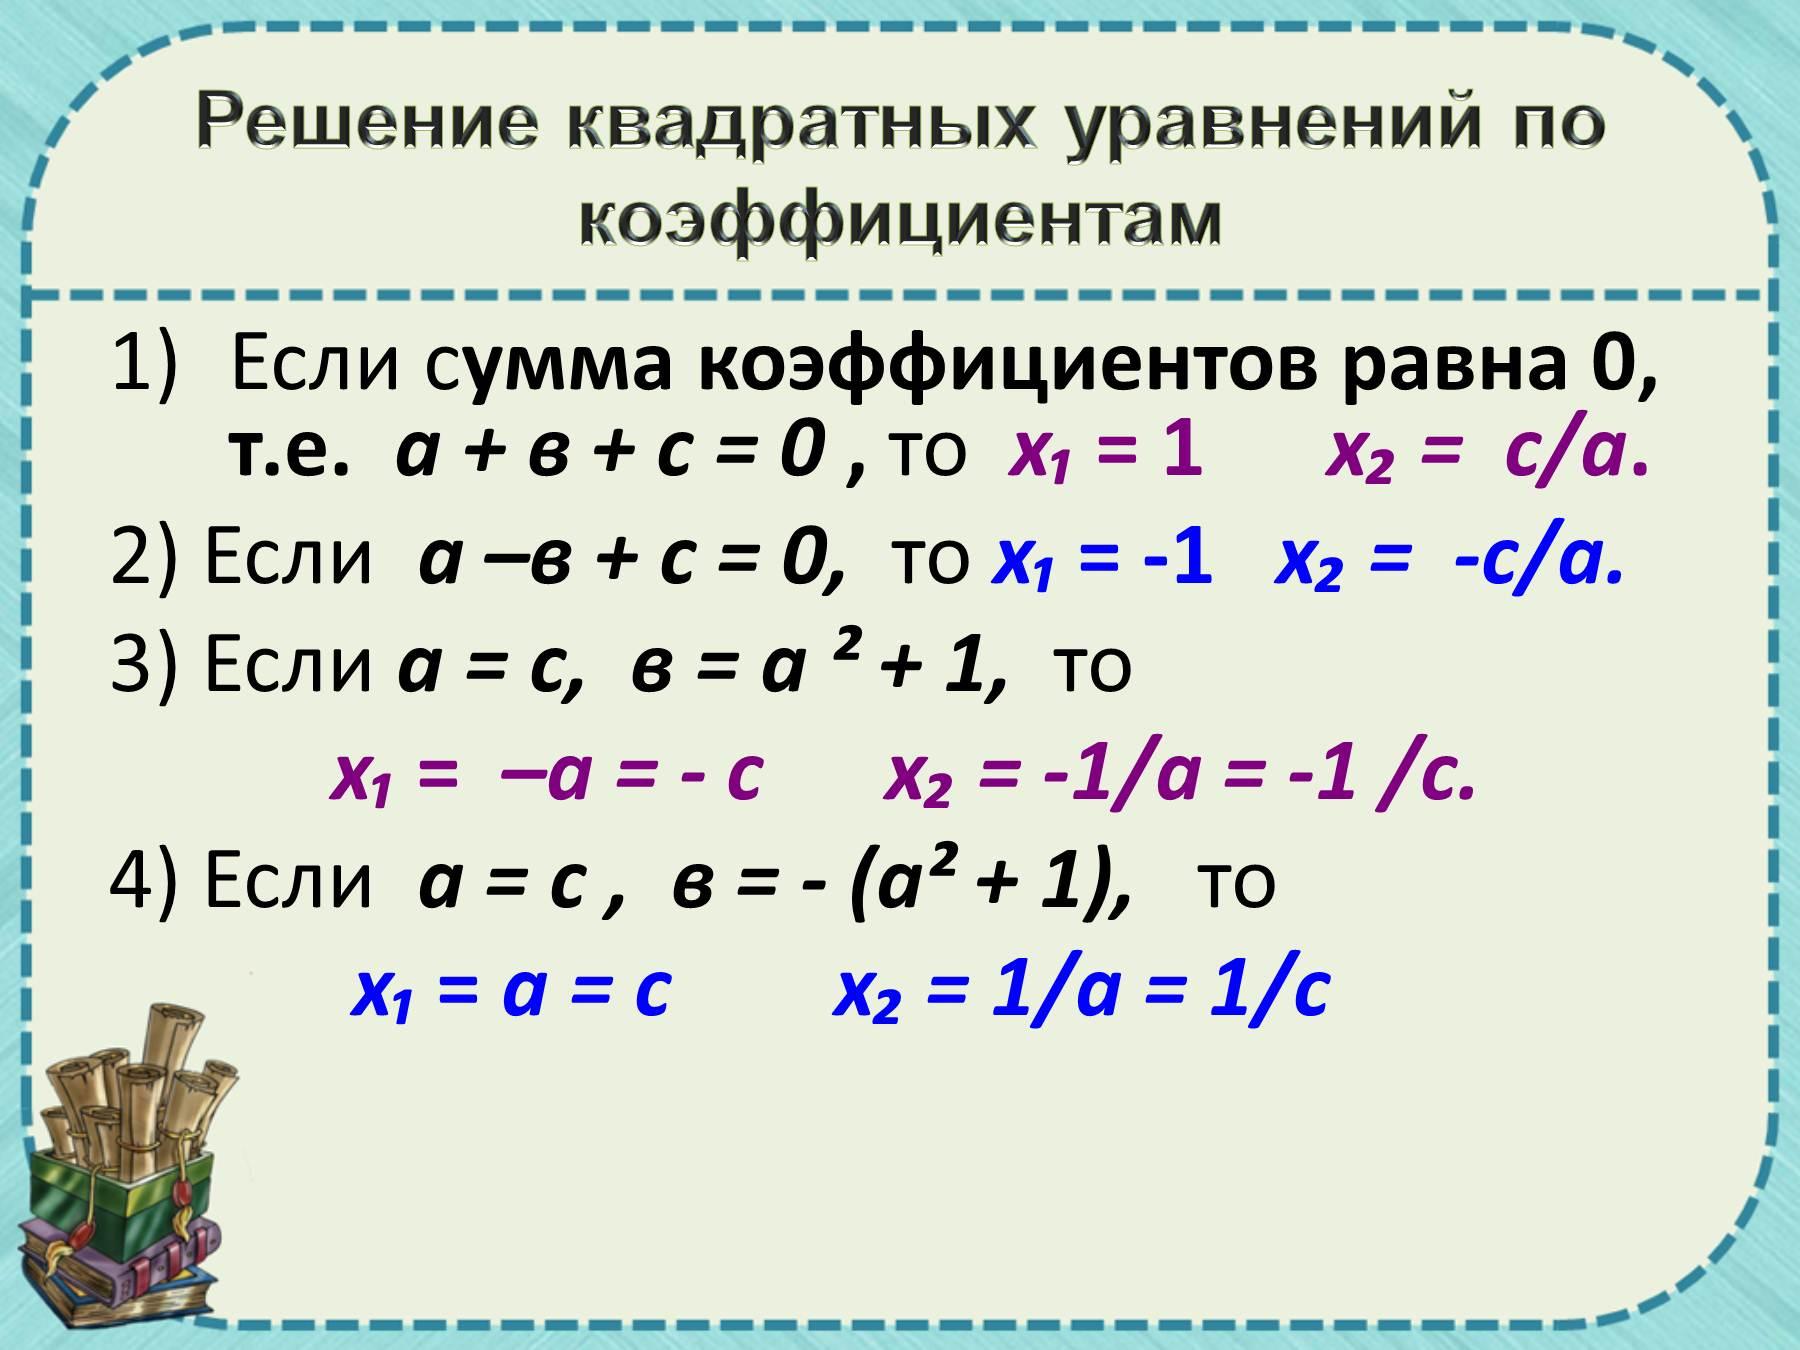 решения квадратного неравенства с помощью графика квадратичной функции